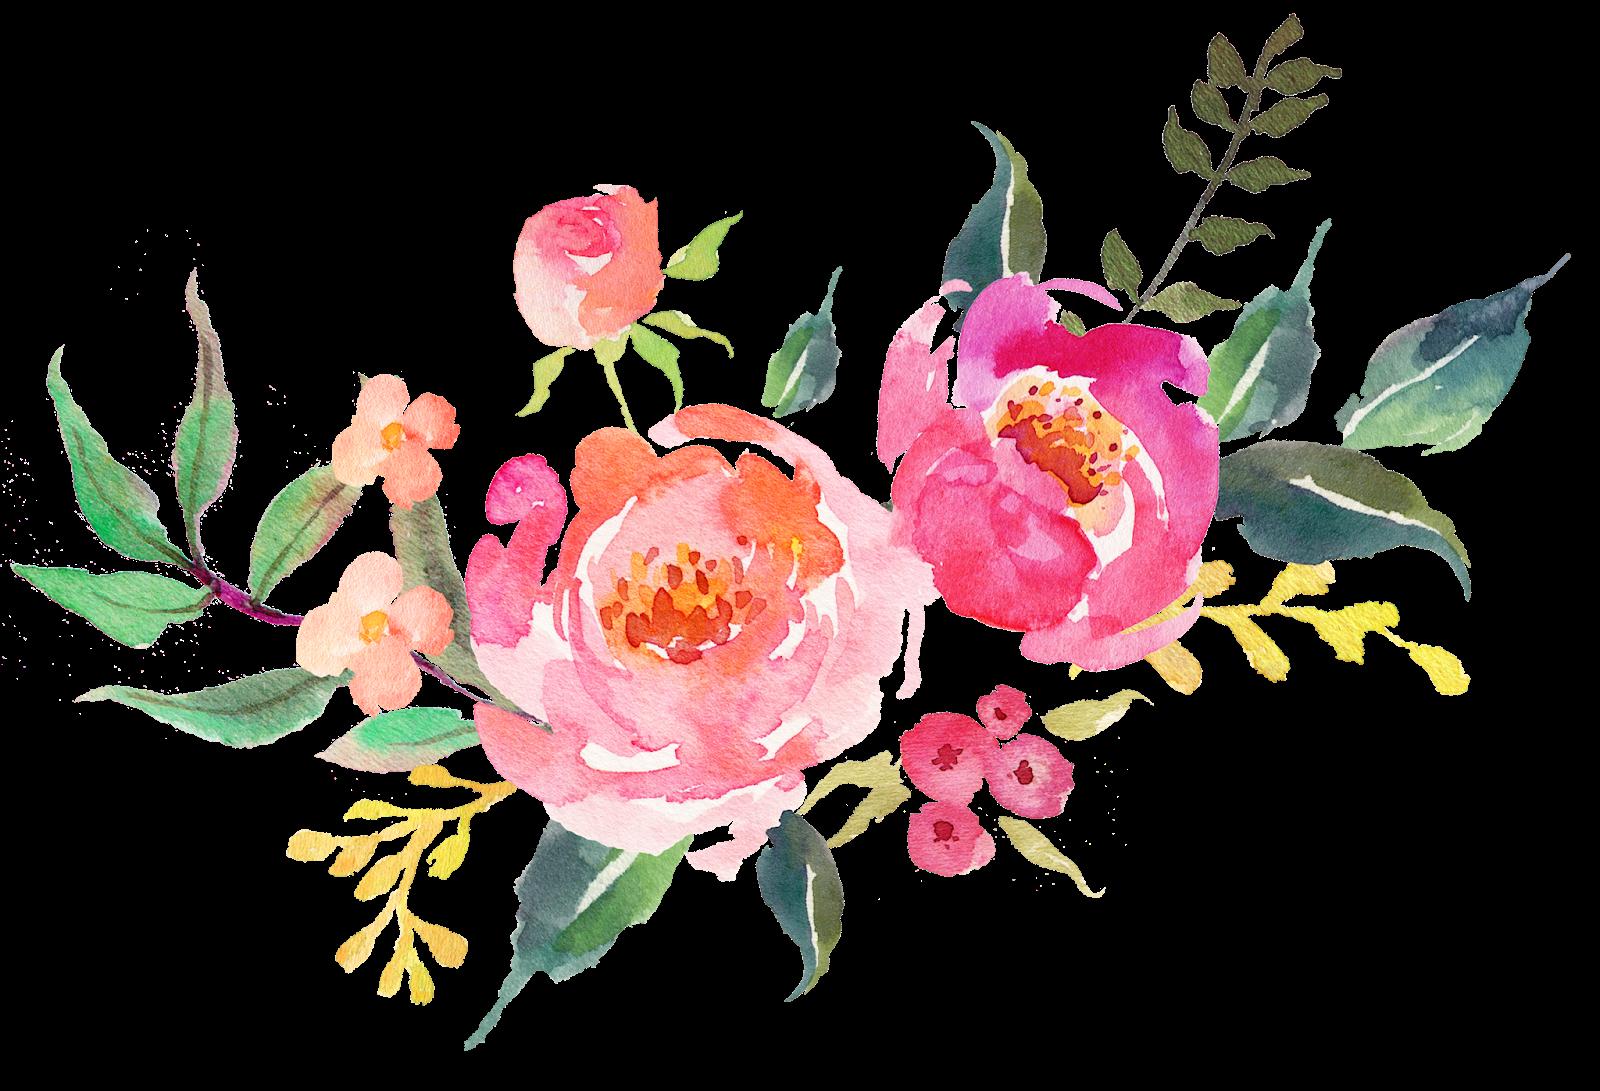 Flores Png Arte Flor Grafico Flor Flores Em Aquarela Em 2020 Flores Em Aquarela Aquarela Ilustracoes Florais Download png image you need and share it via sns. pinterest